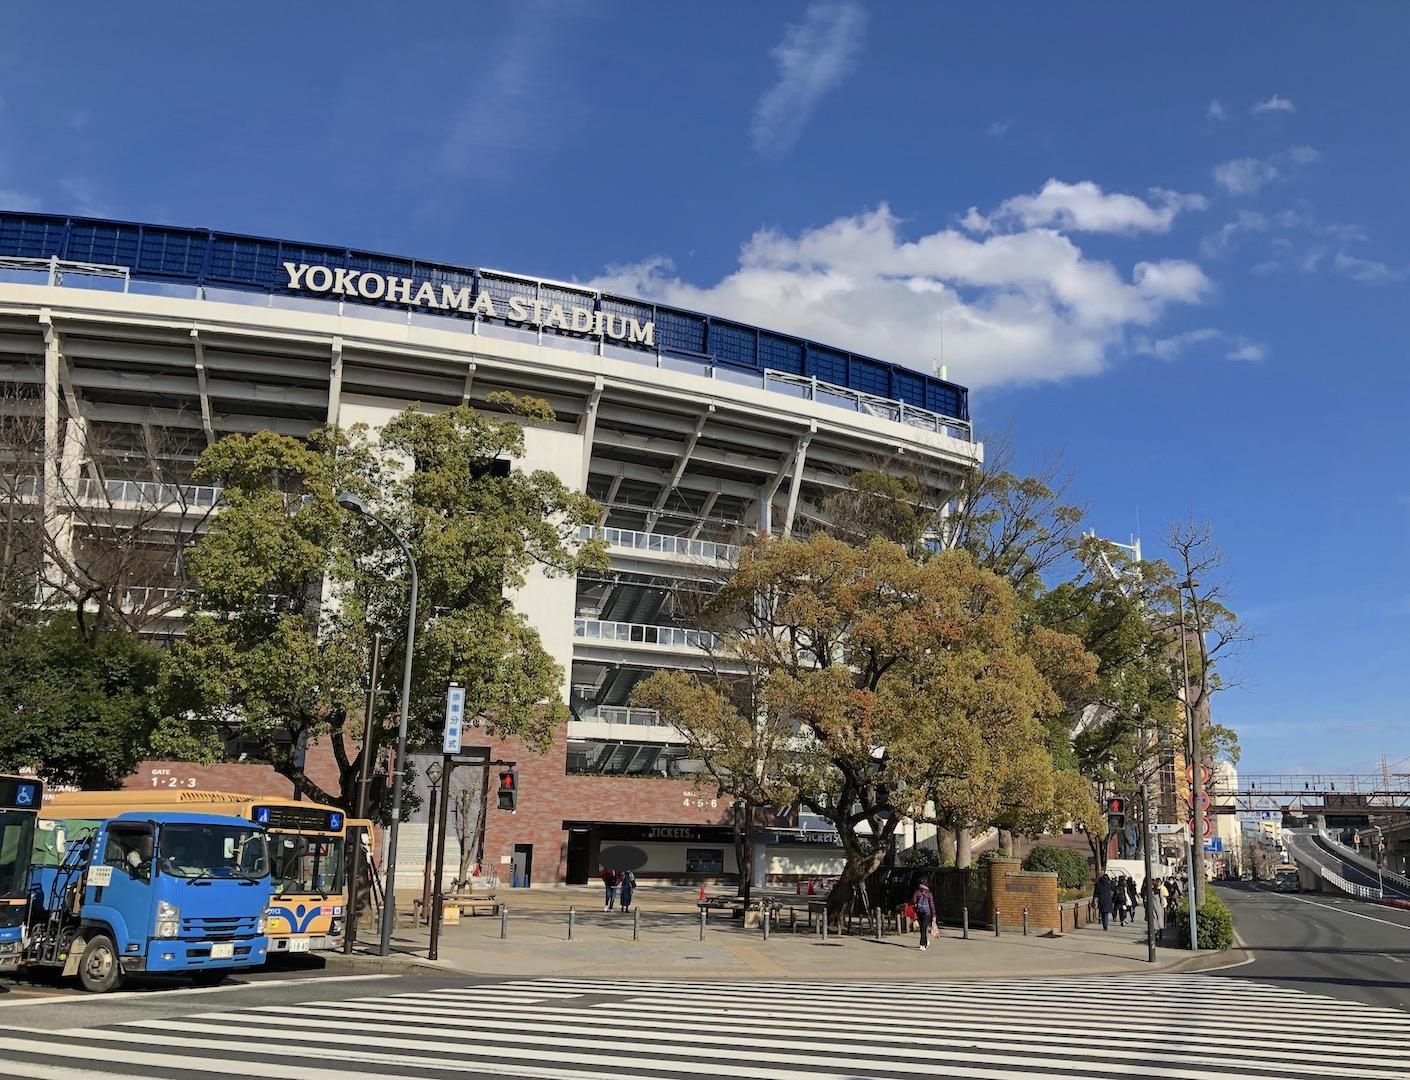 横浜スタジアムへのアクセス を最寄り駅別にご紹介【画像付き!】